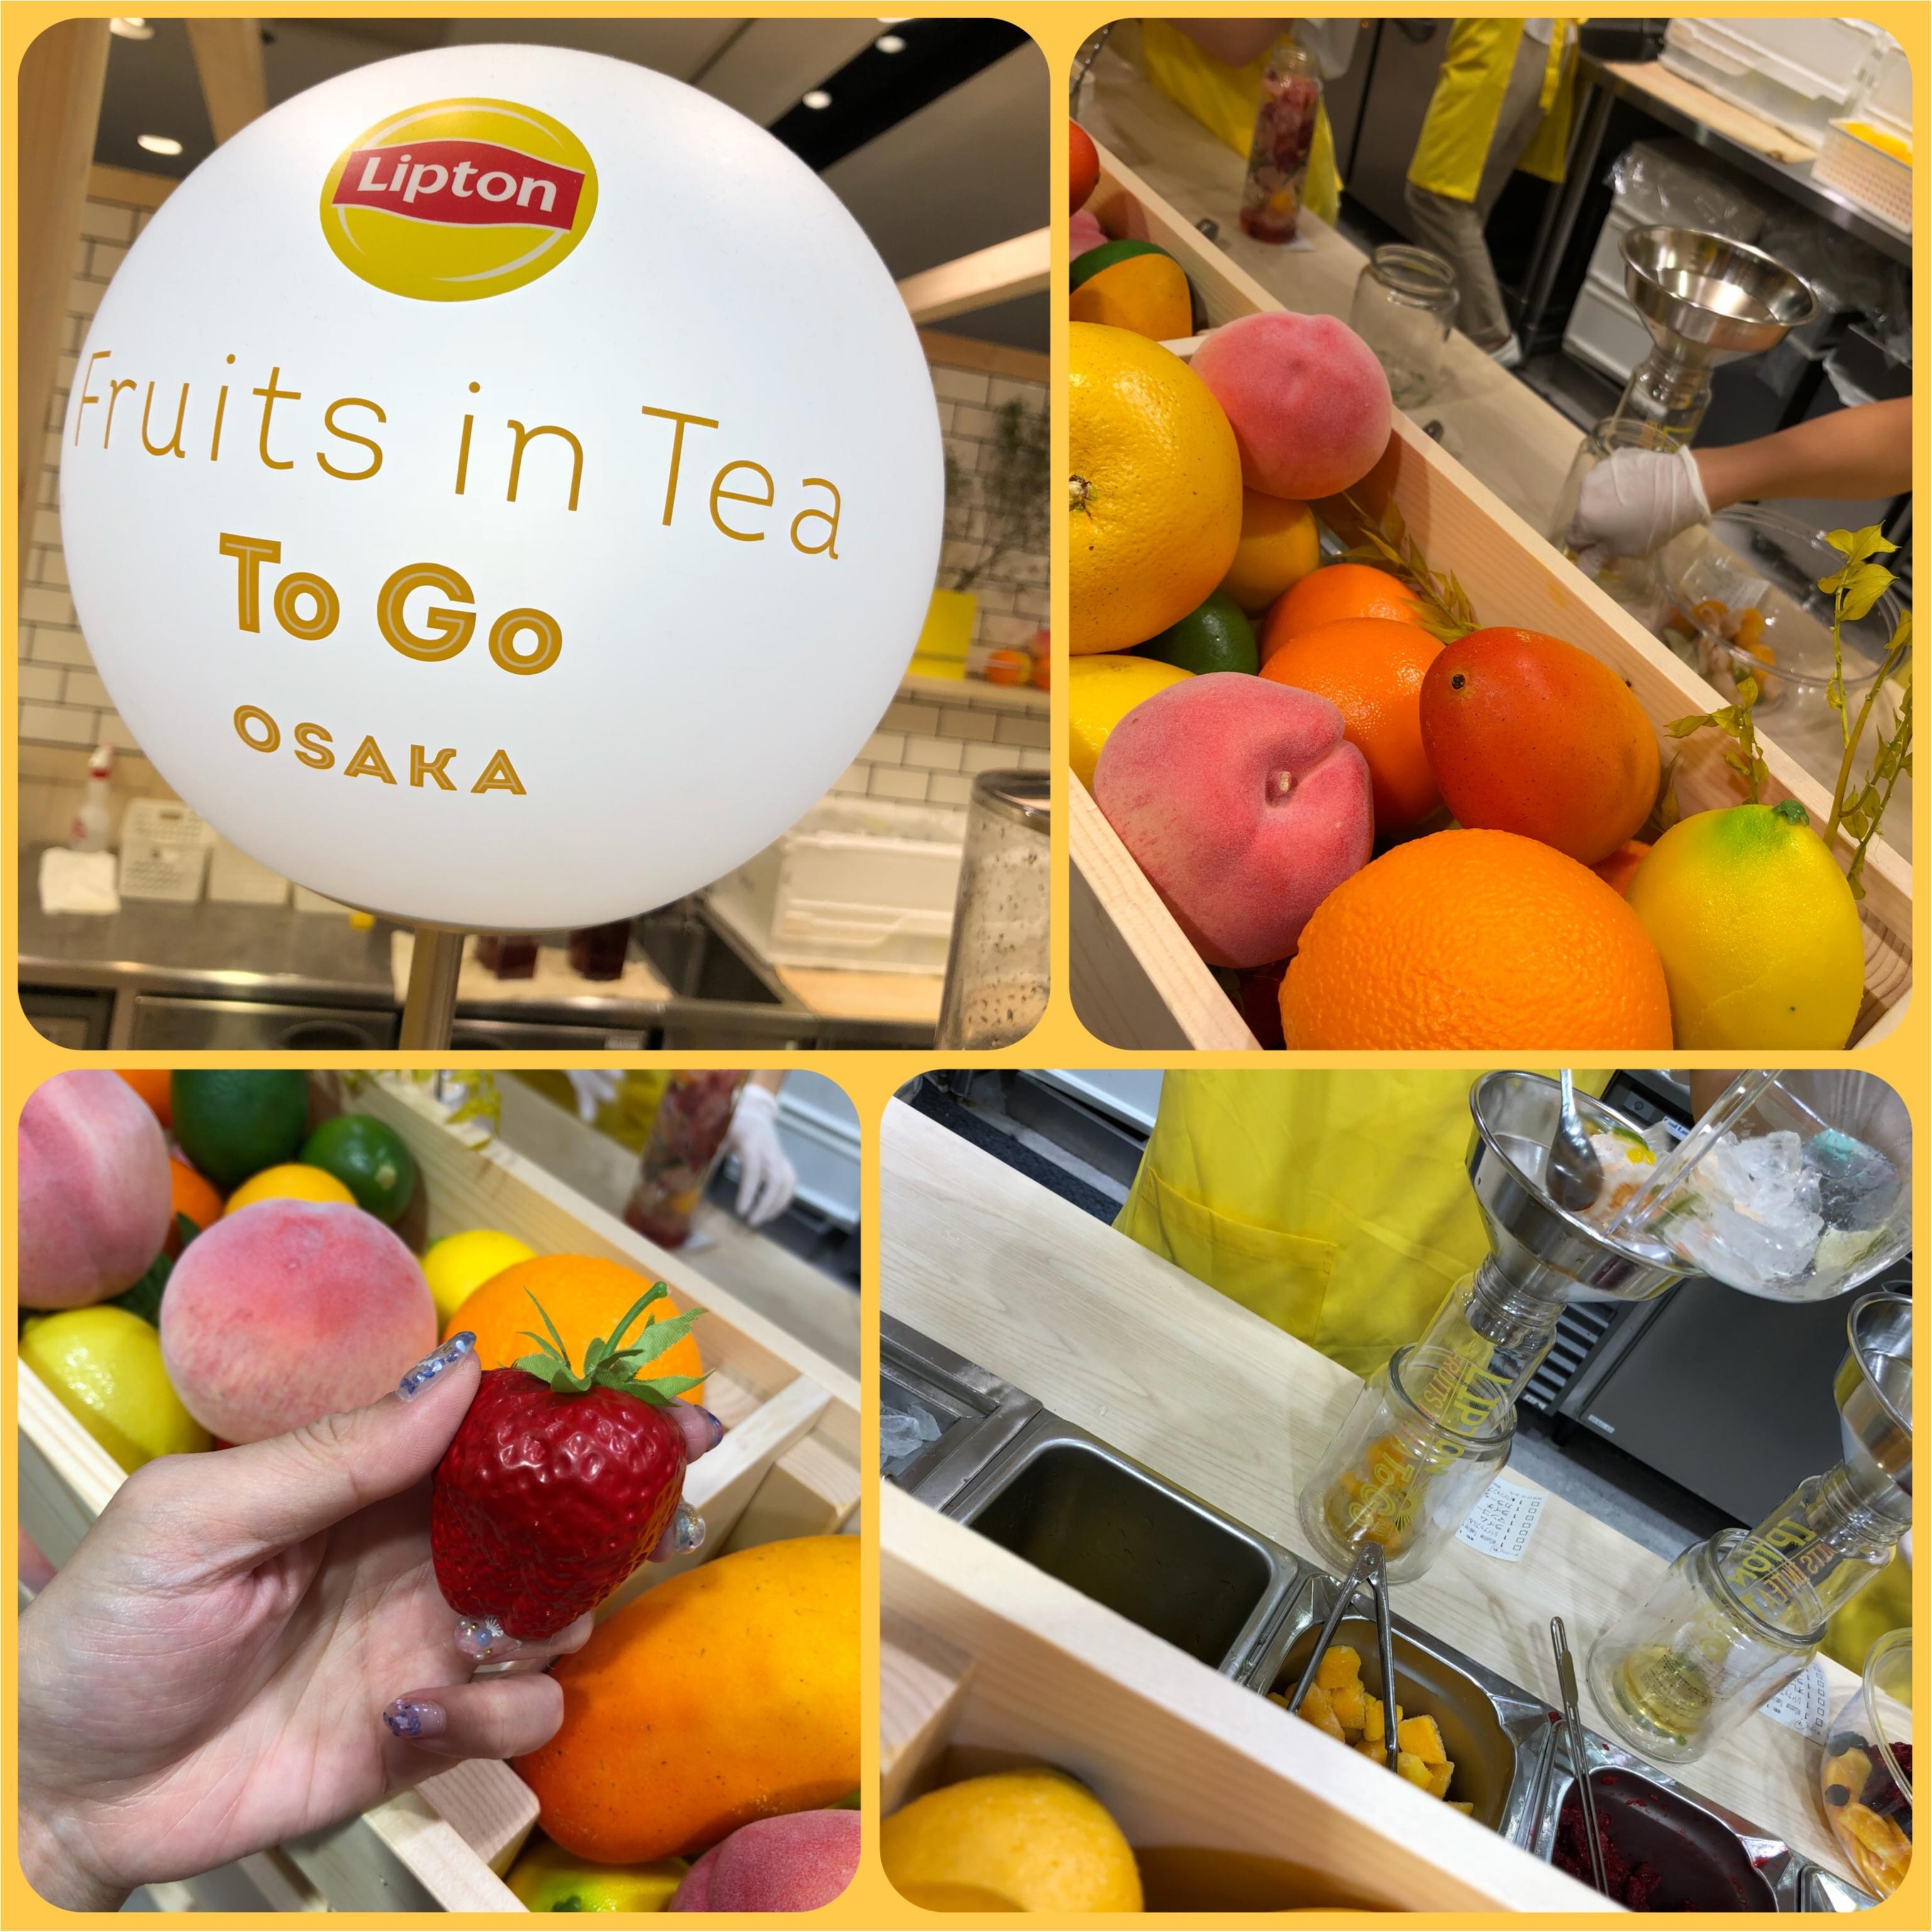 行って来ました♡大人気のLipton Fruits in tea_4